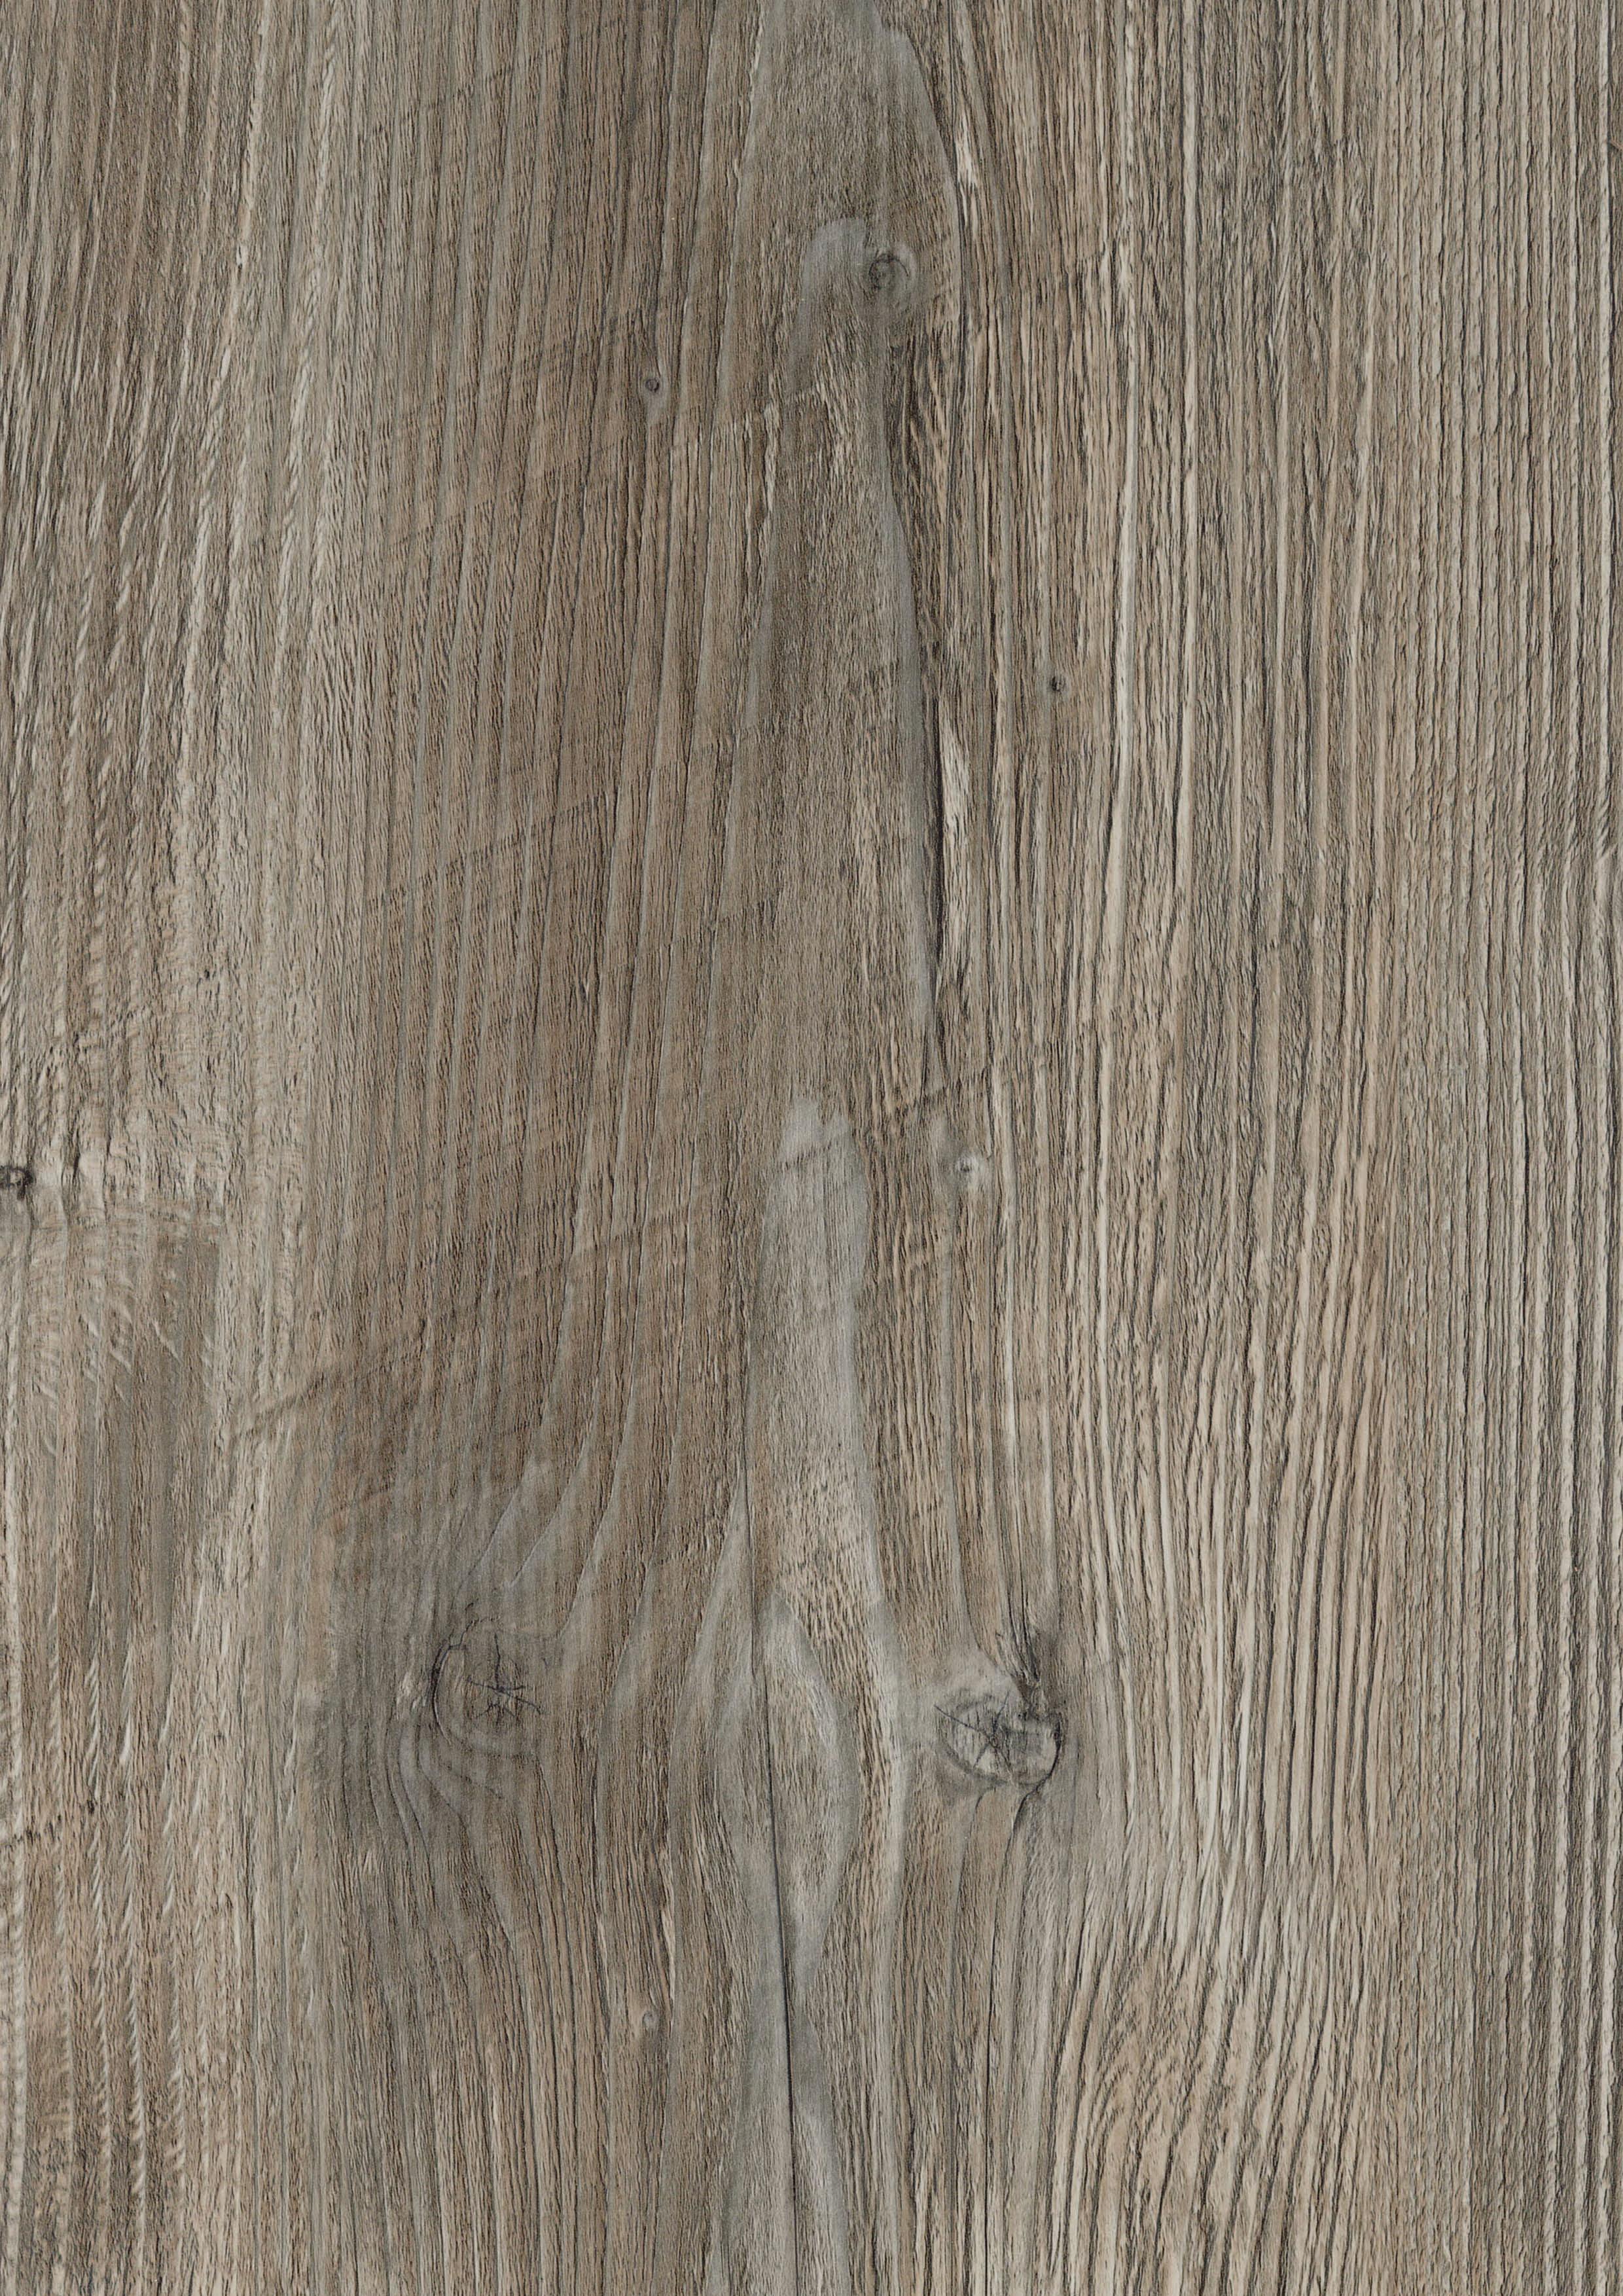 Ponderosa Pine 4351